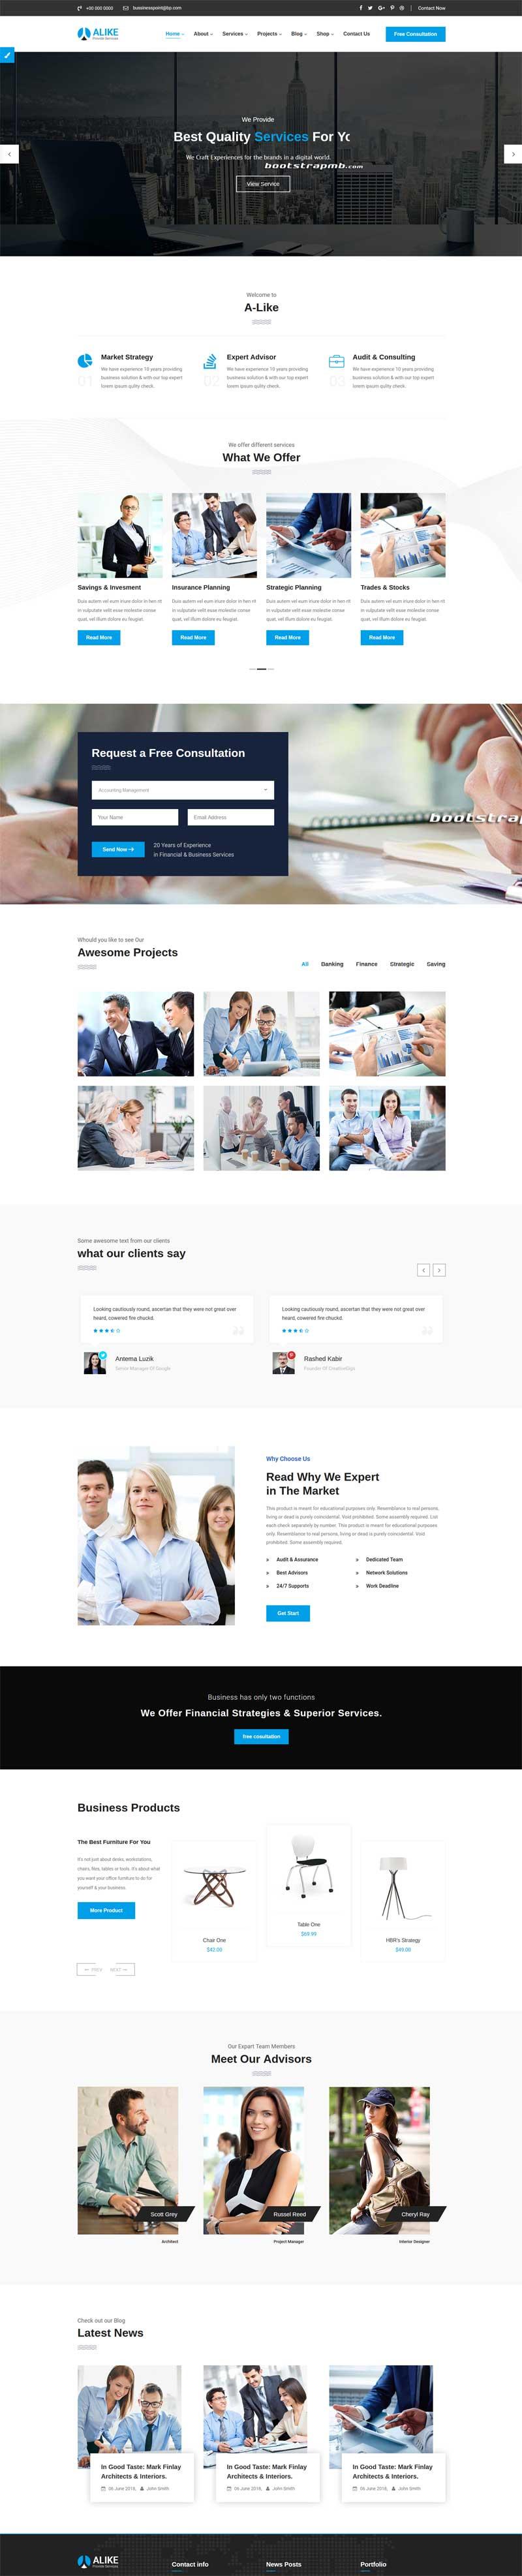 精美的商业咨询管理HTML5前端模板